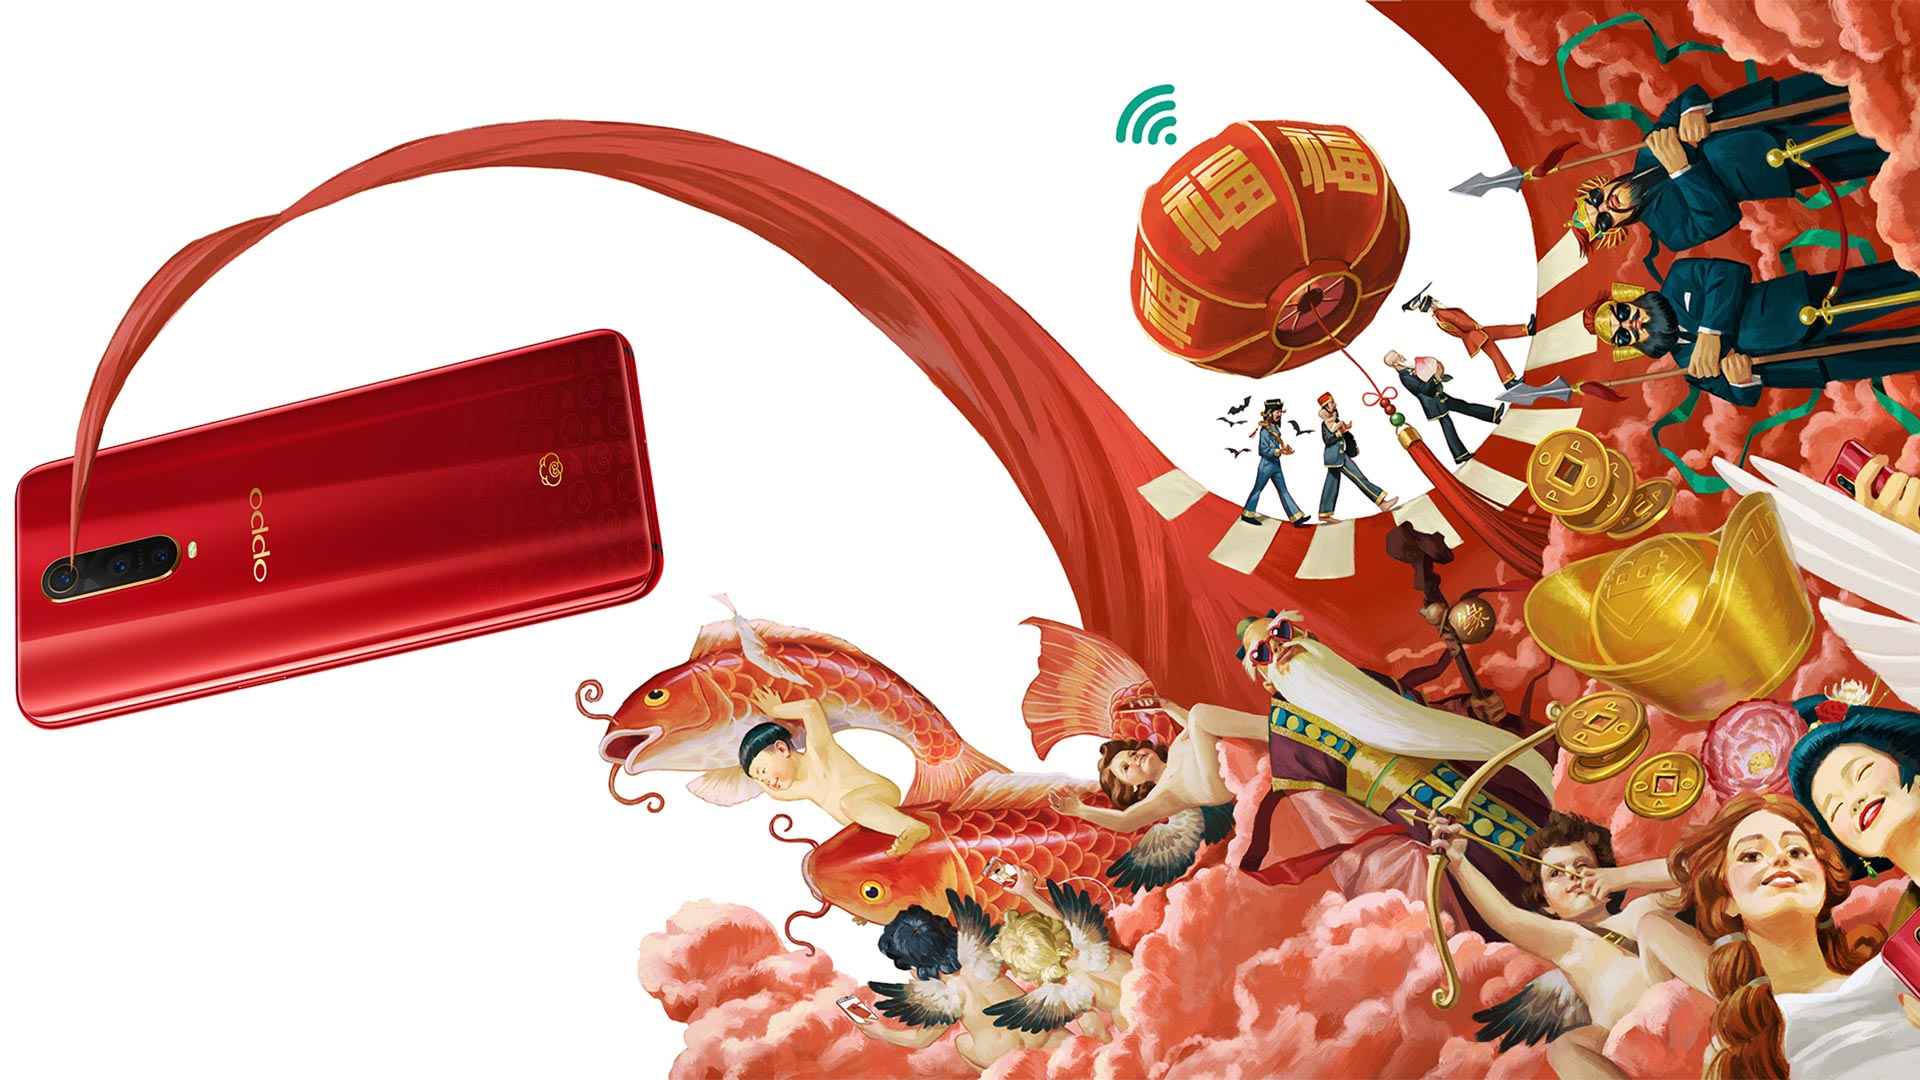 非常用心!盘点OPPO奇幻新年插画的奇趣彩蛋